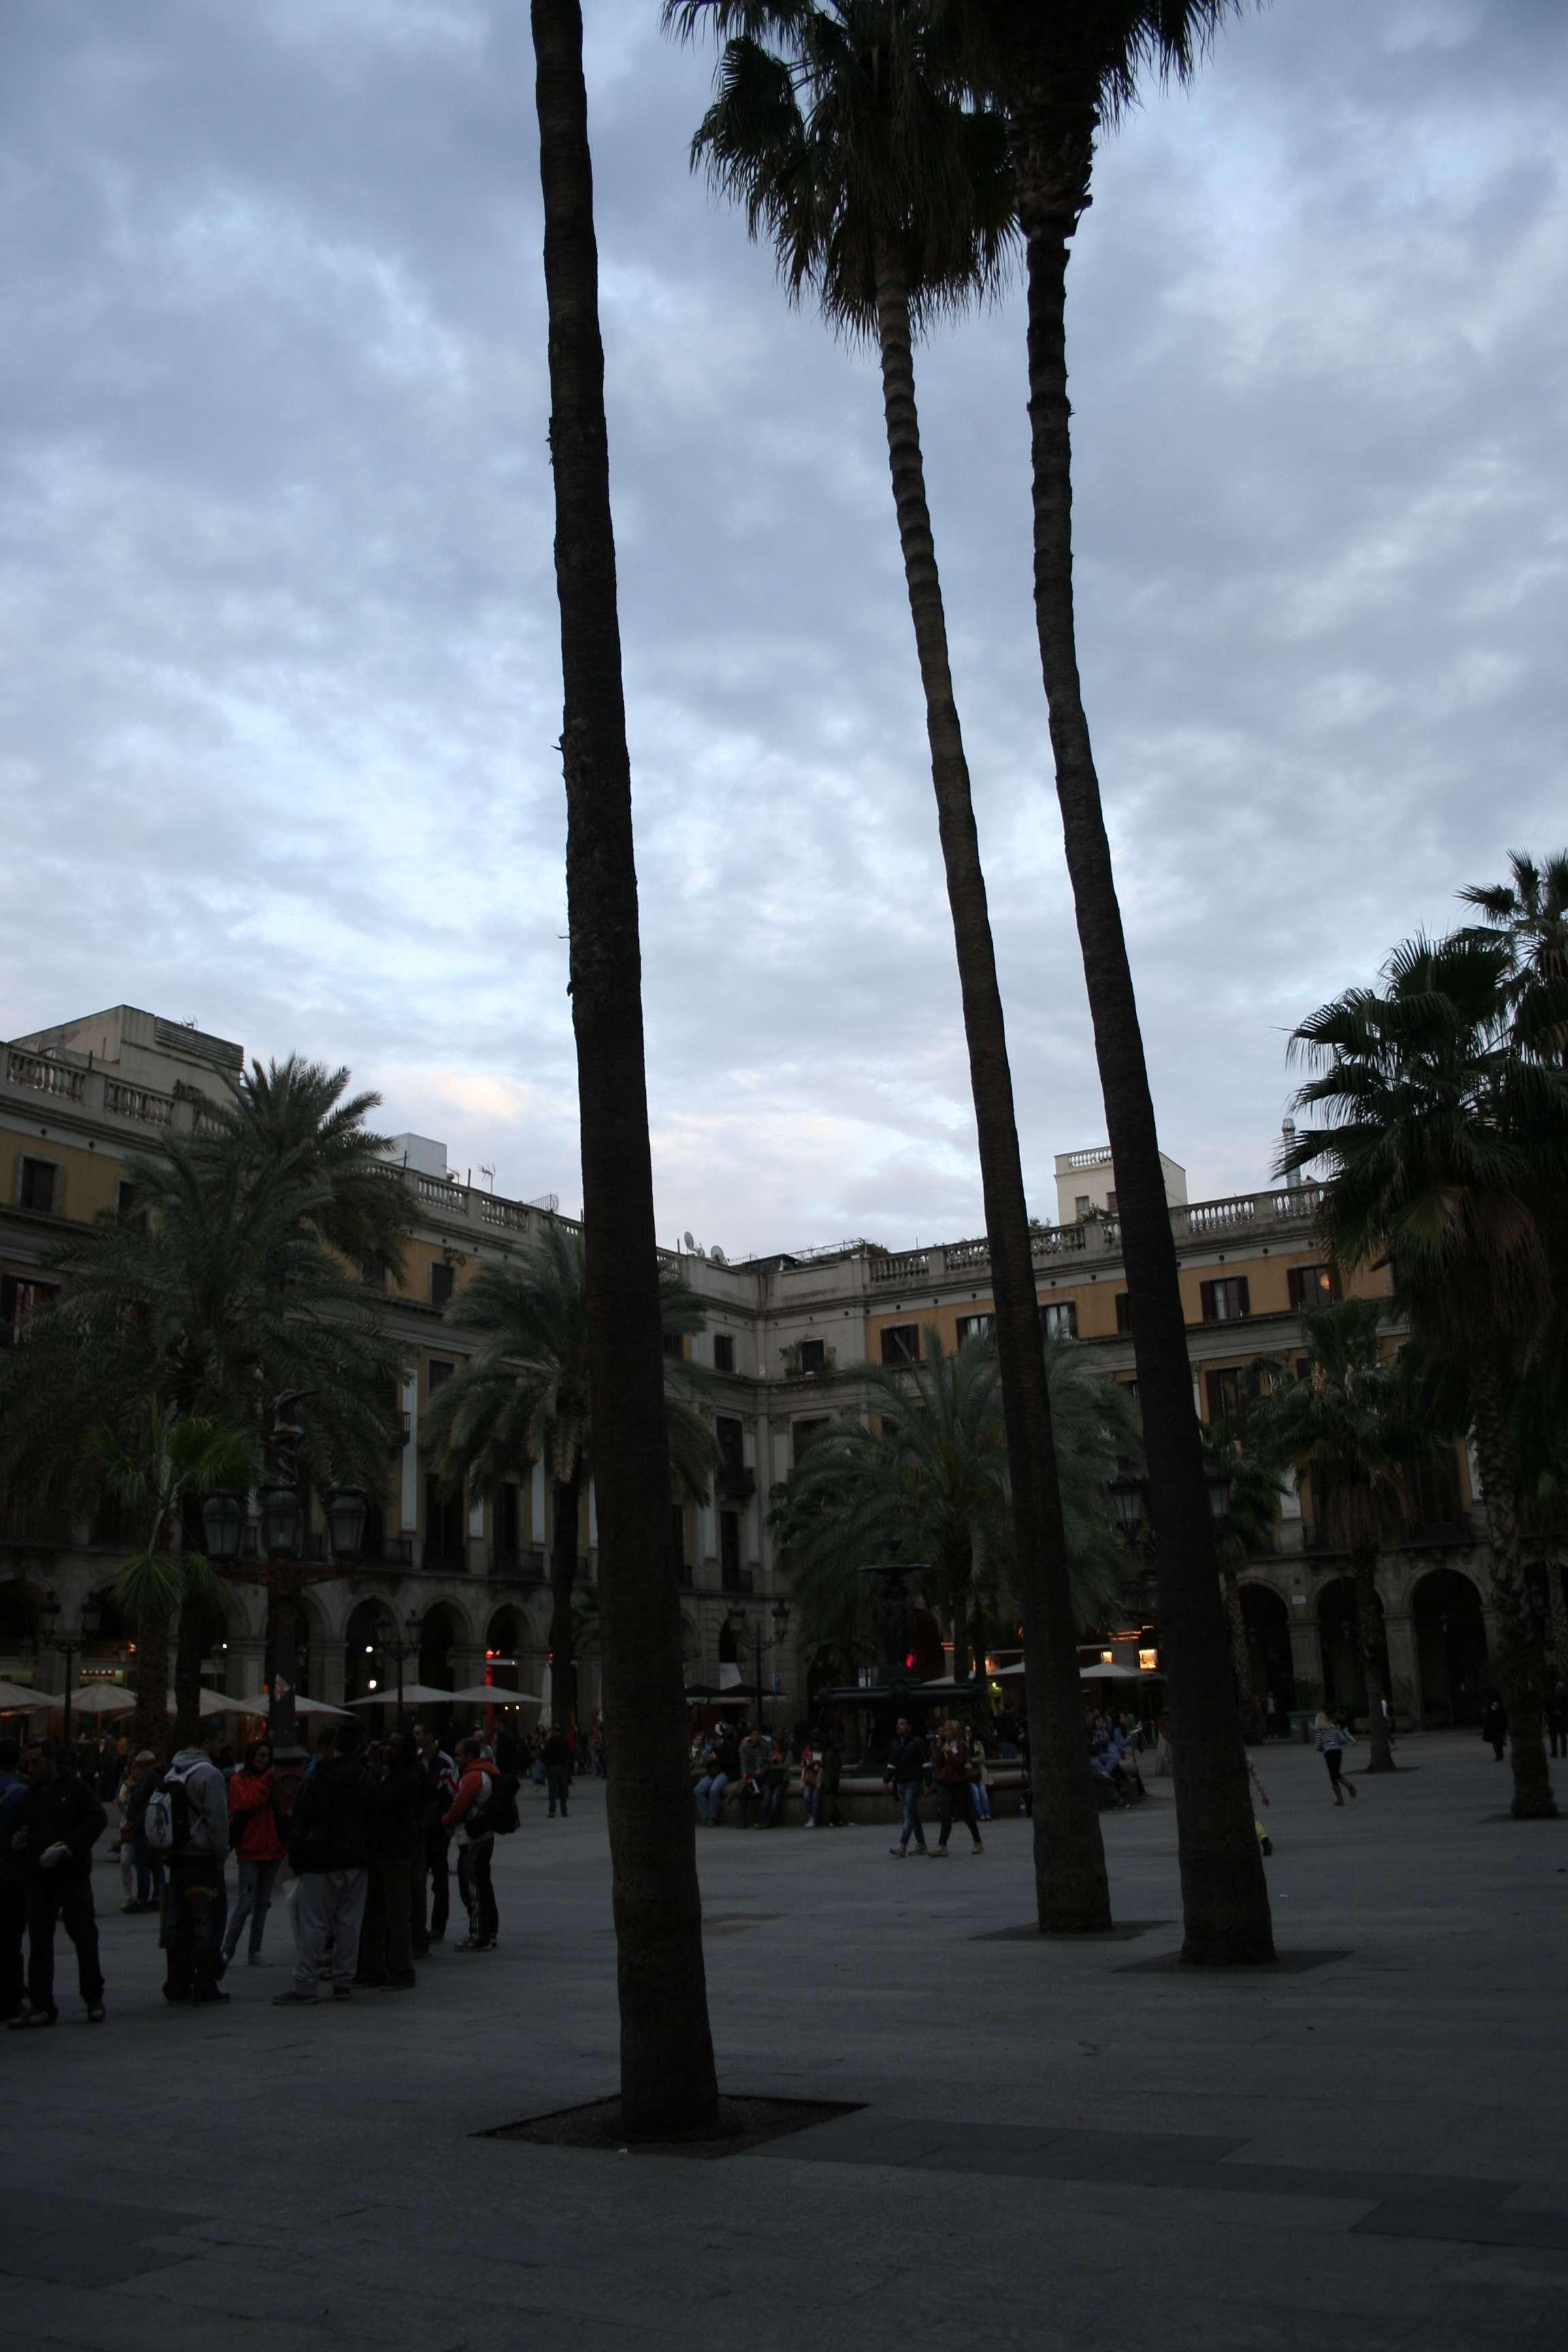 Barcelone mai 2013_0009 placa Reial